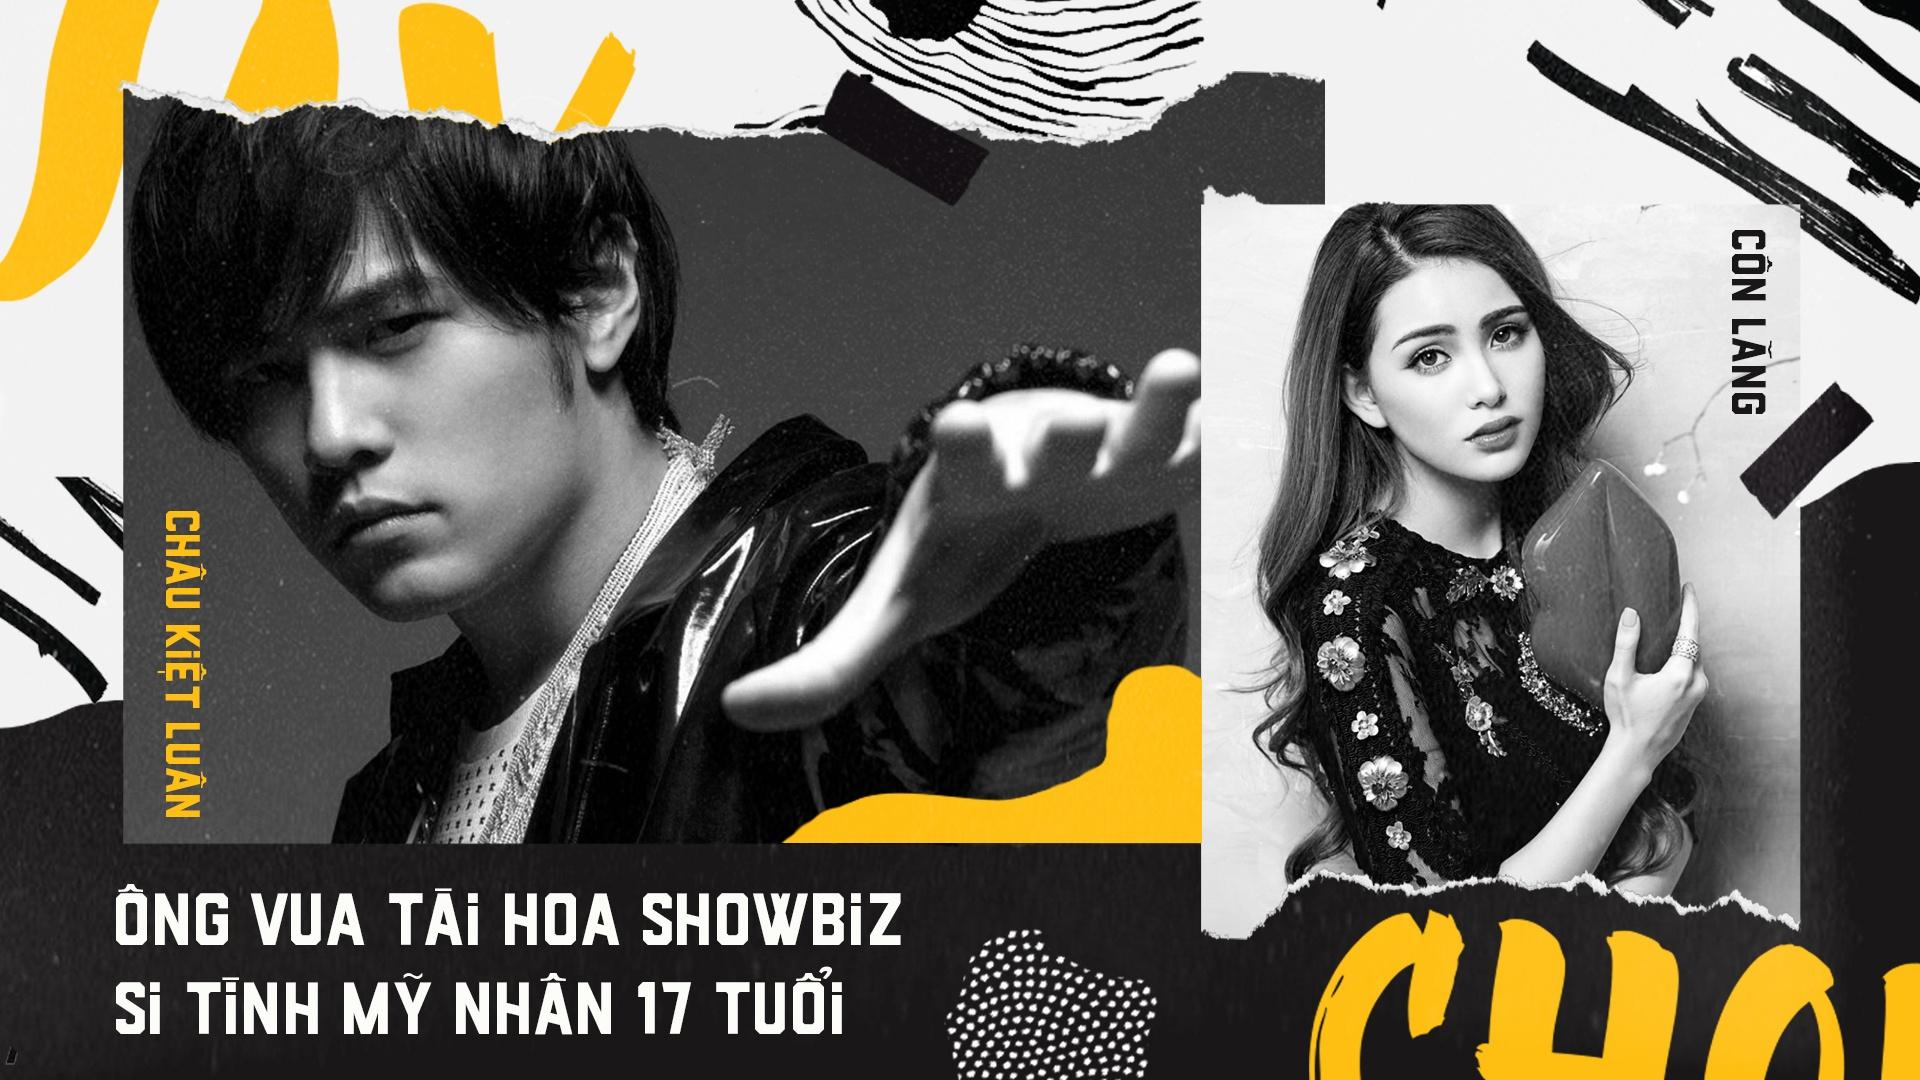 Chau Kiet Luan: Ong vua tai hoa cua showbiz si tinh my nhan 17 tuoi hinh anh 2